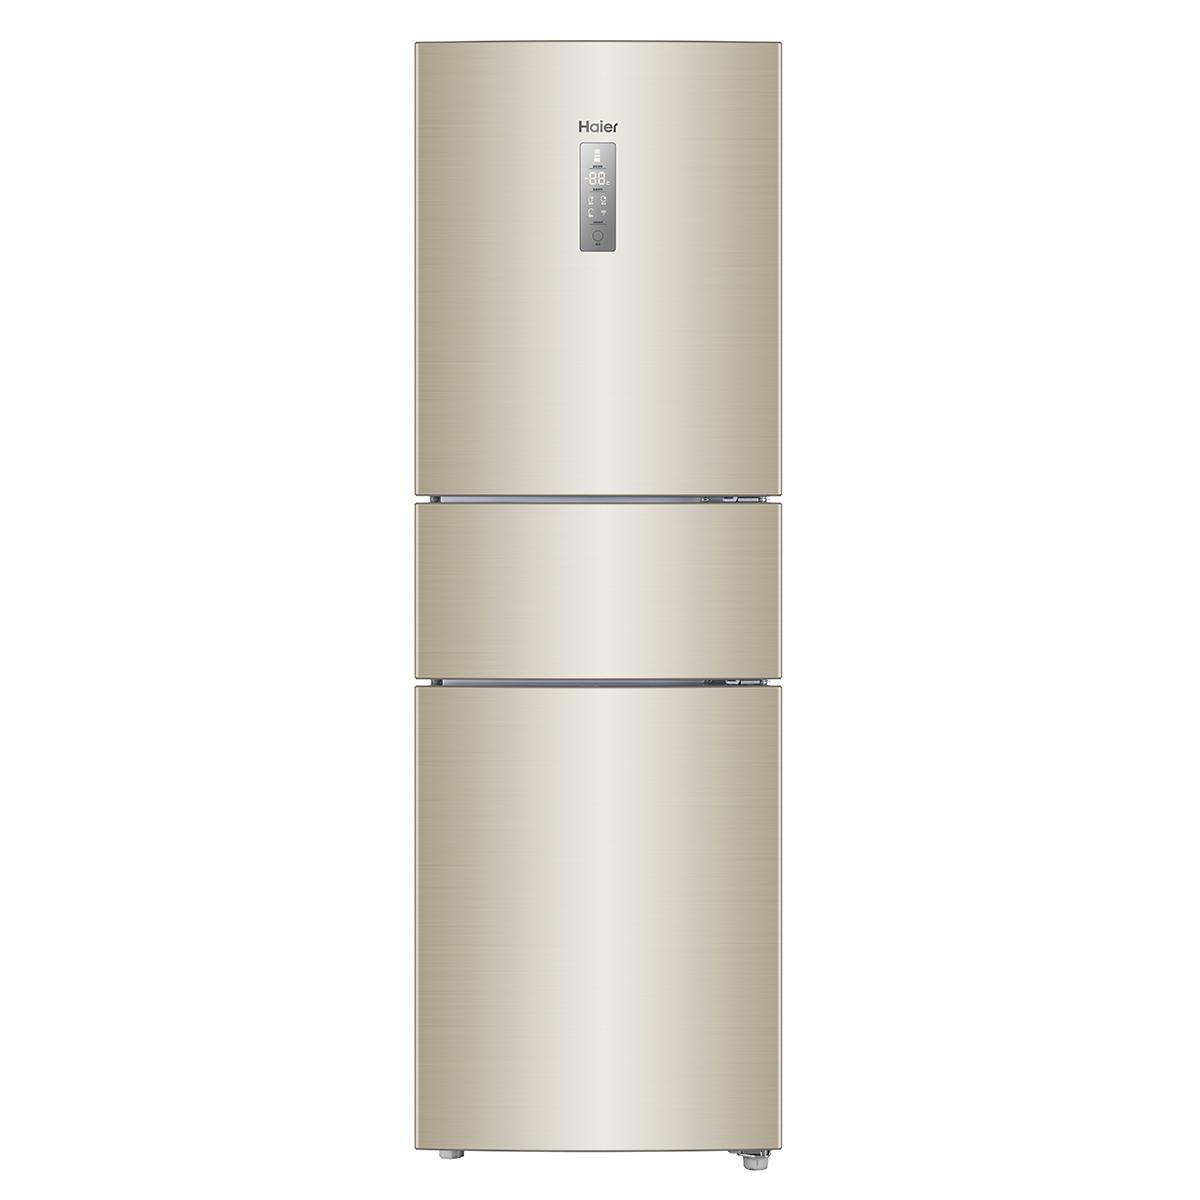 海尔双循环冰箱怎样 海尔双循环冰箱特点